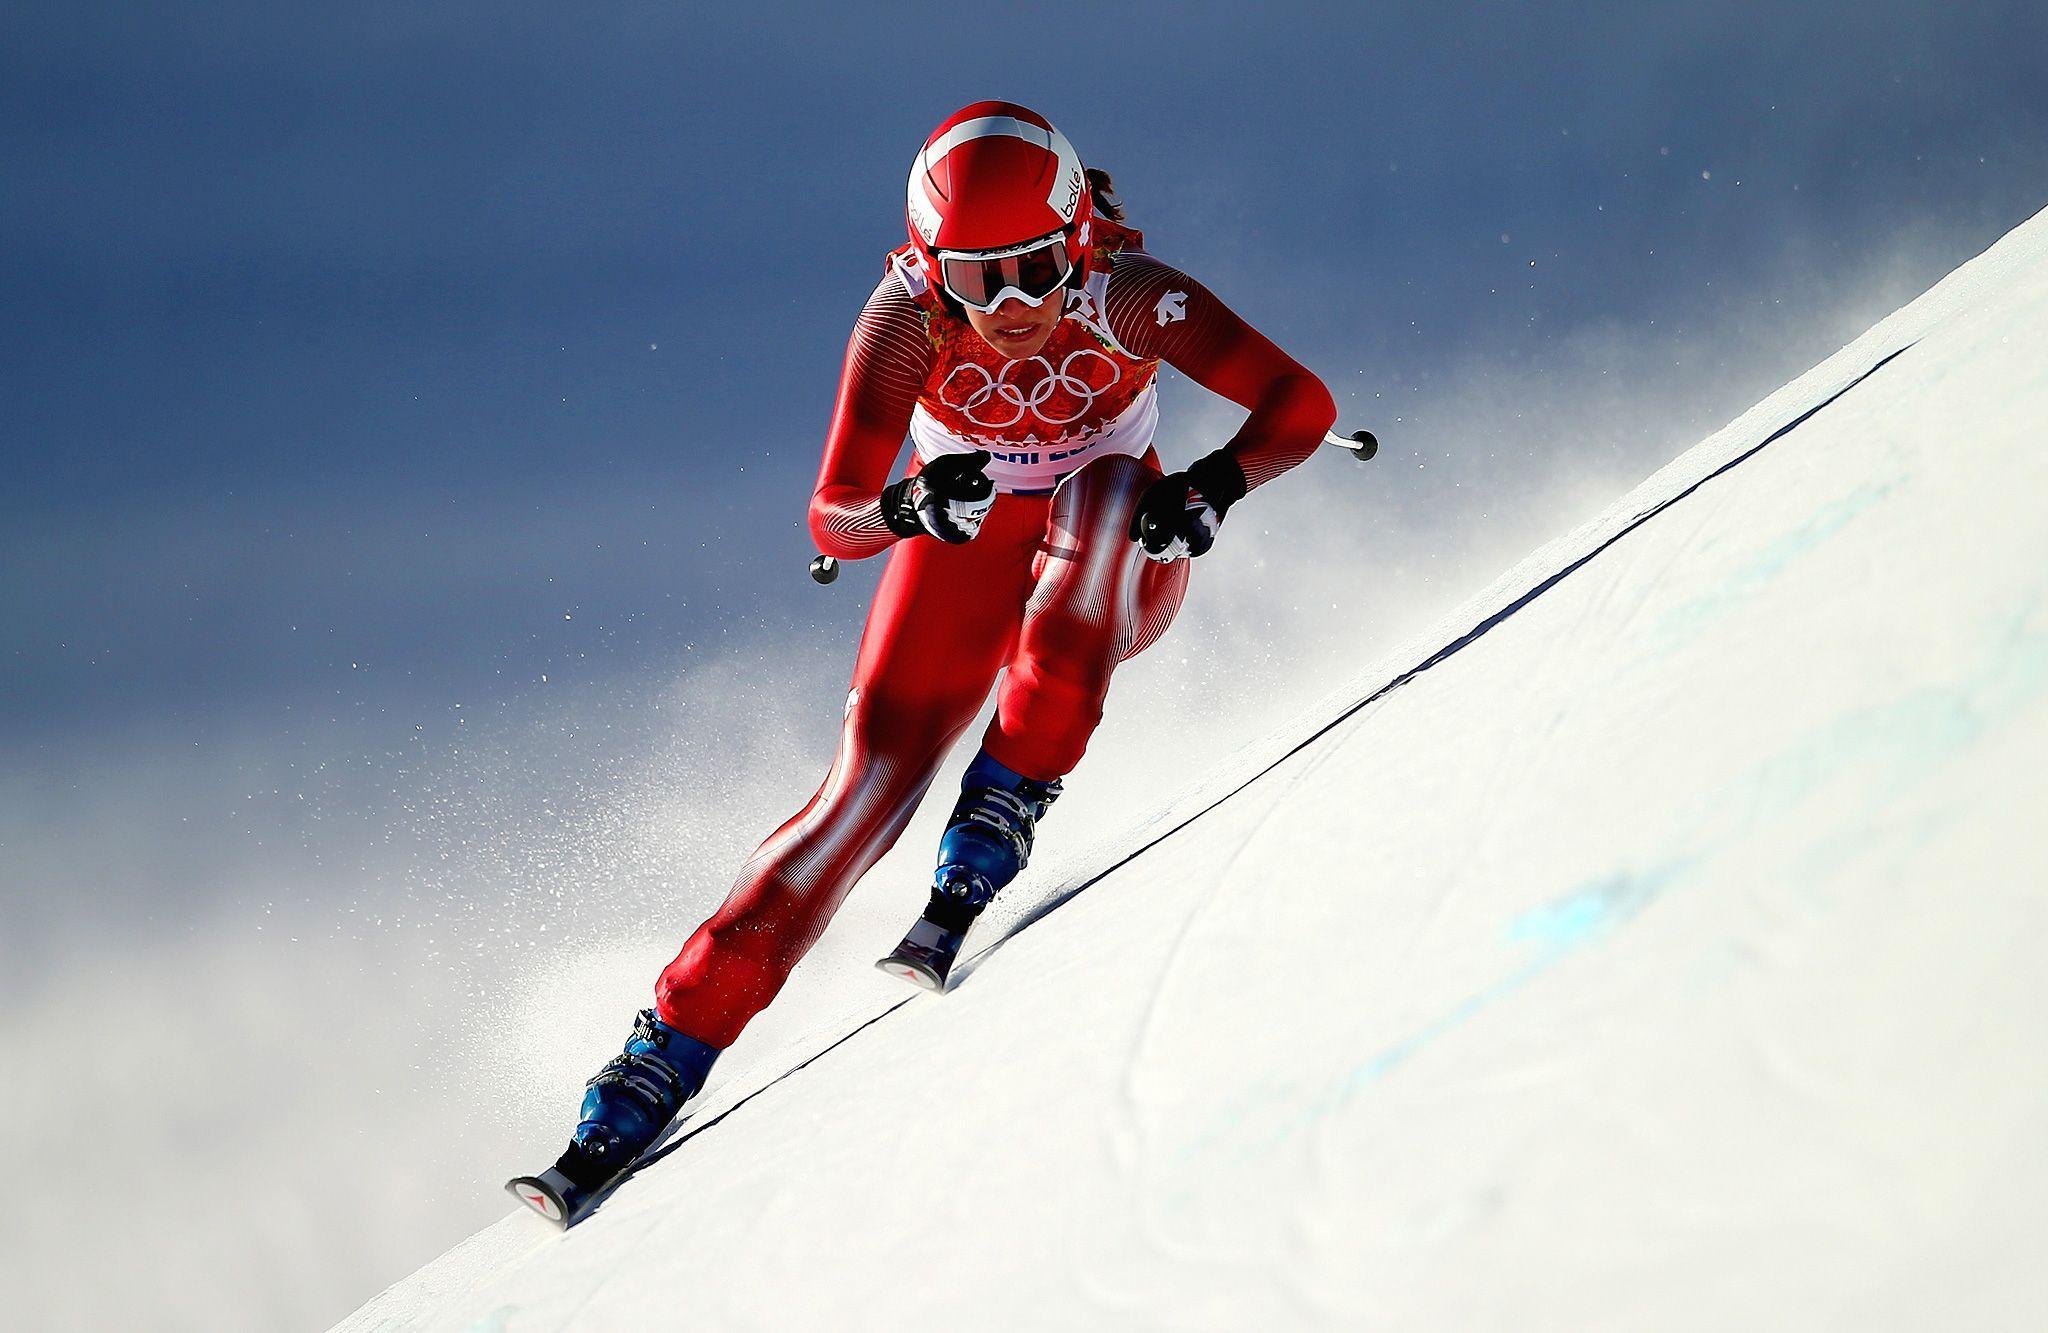 Sochi Olympics Day 6 Sochi, Alpine skiing, Ski racing